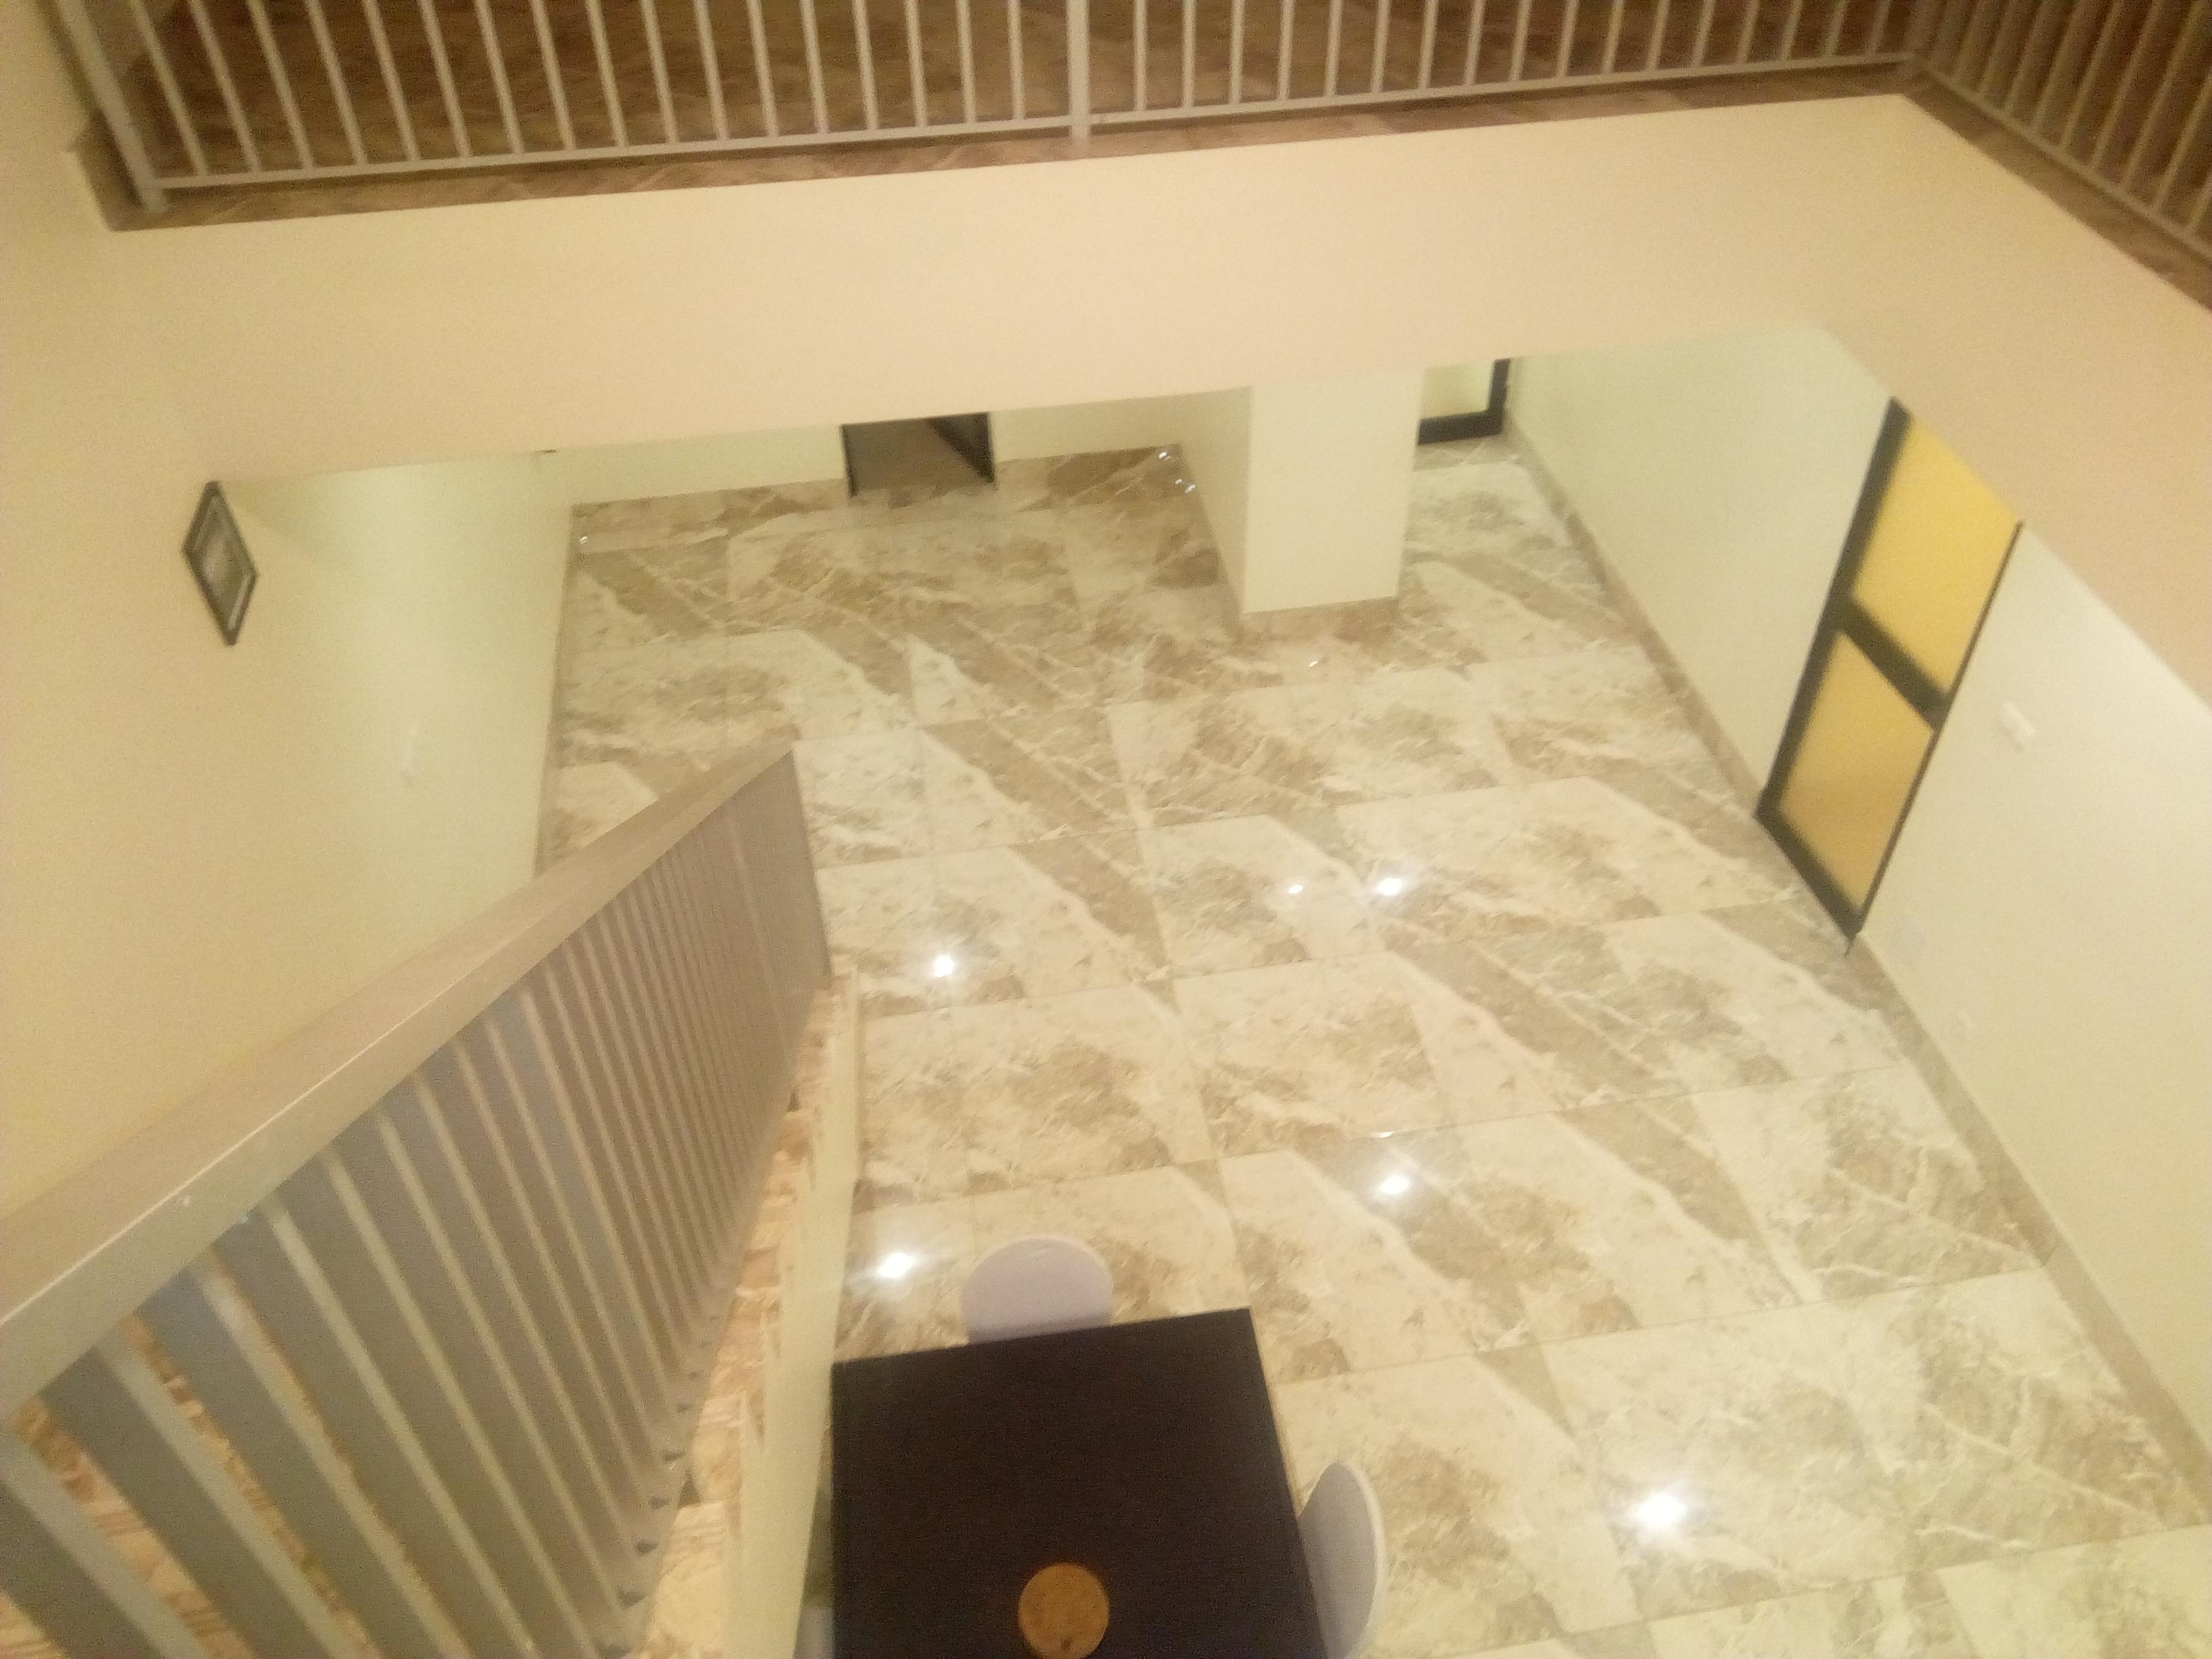 Appartement meublé à louer , adidogome                         (Non loin des frères Franciscains)                     , lomé : 650 000 FCFA/mois